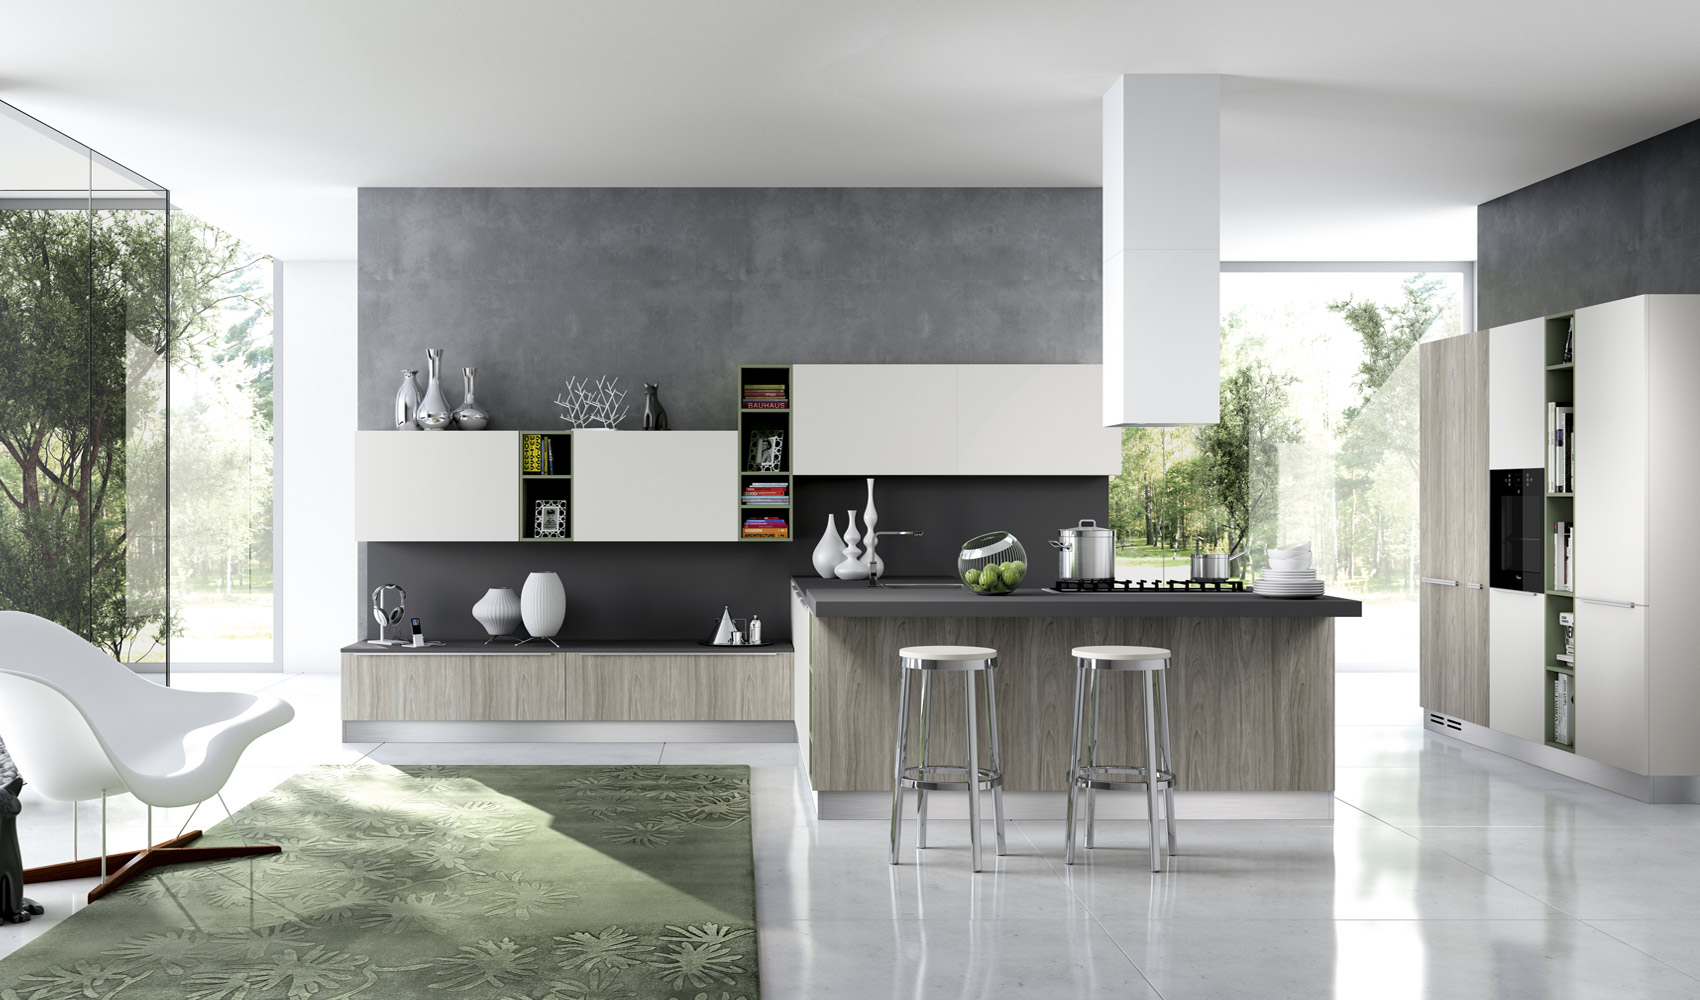 white decor for kitchen design